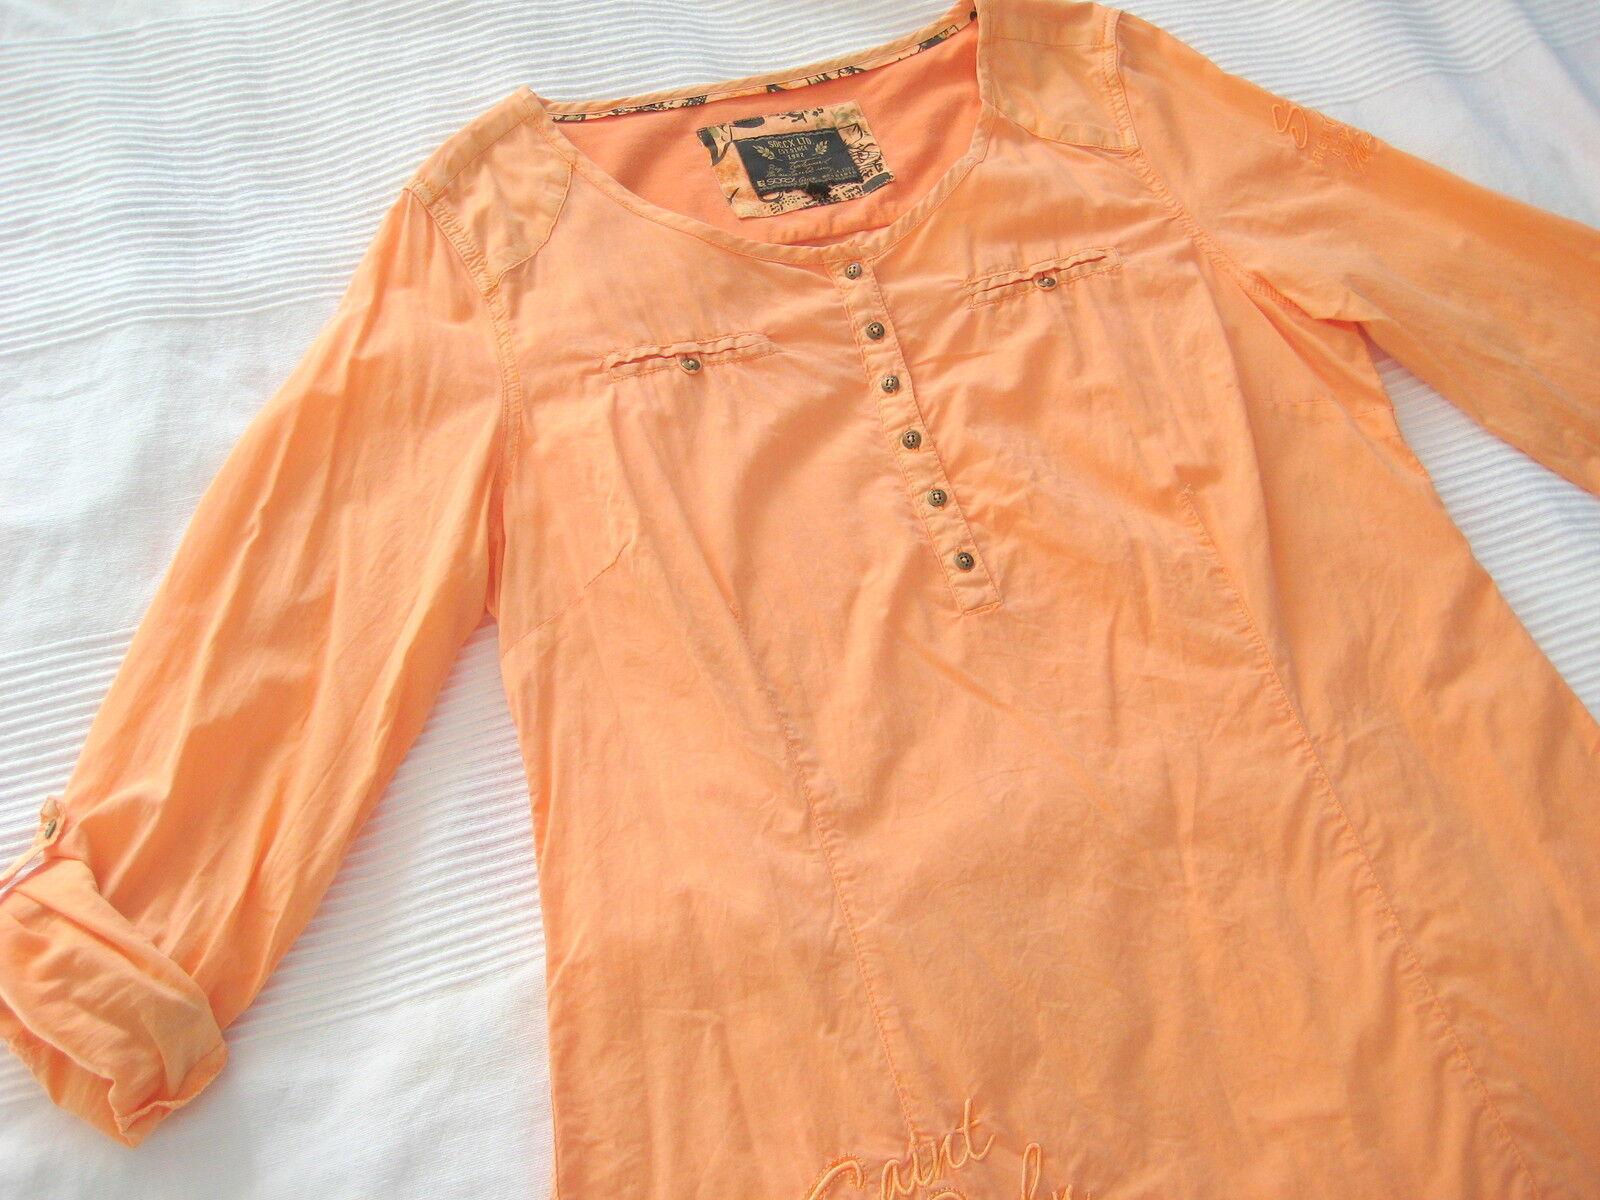 SOCCX SOCCX SOCCX Long Blause Tunika lachs Orange Gr. L 40 wie NEU | Outlet Online  | Moderater Preis  | Hochwertig  | Kaufen Sie beruhigt und glücklich spielen  | Die Farbe ist sehr auffällig  d7a9f9